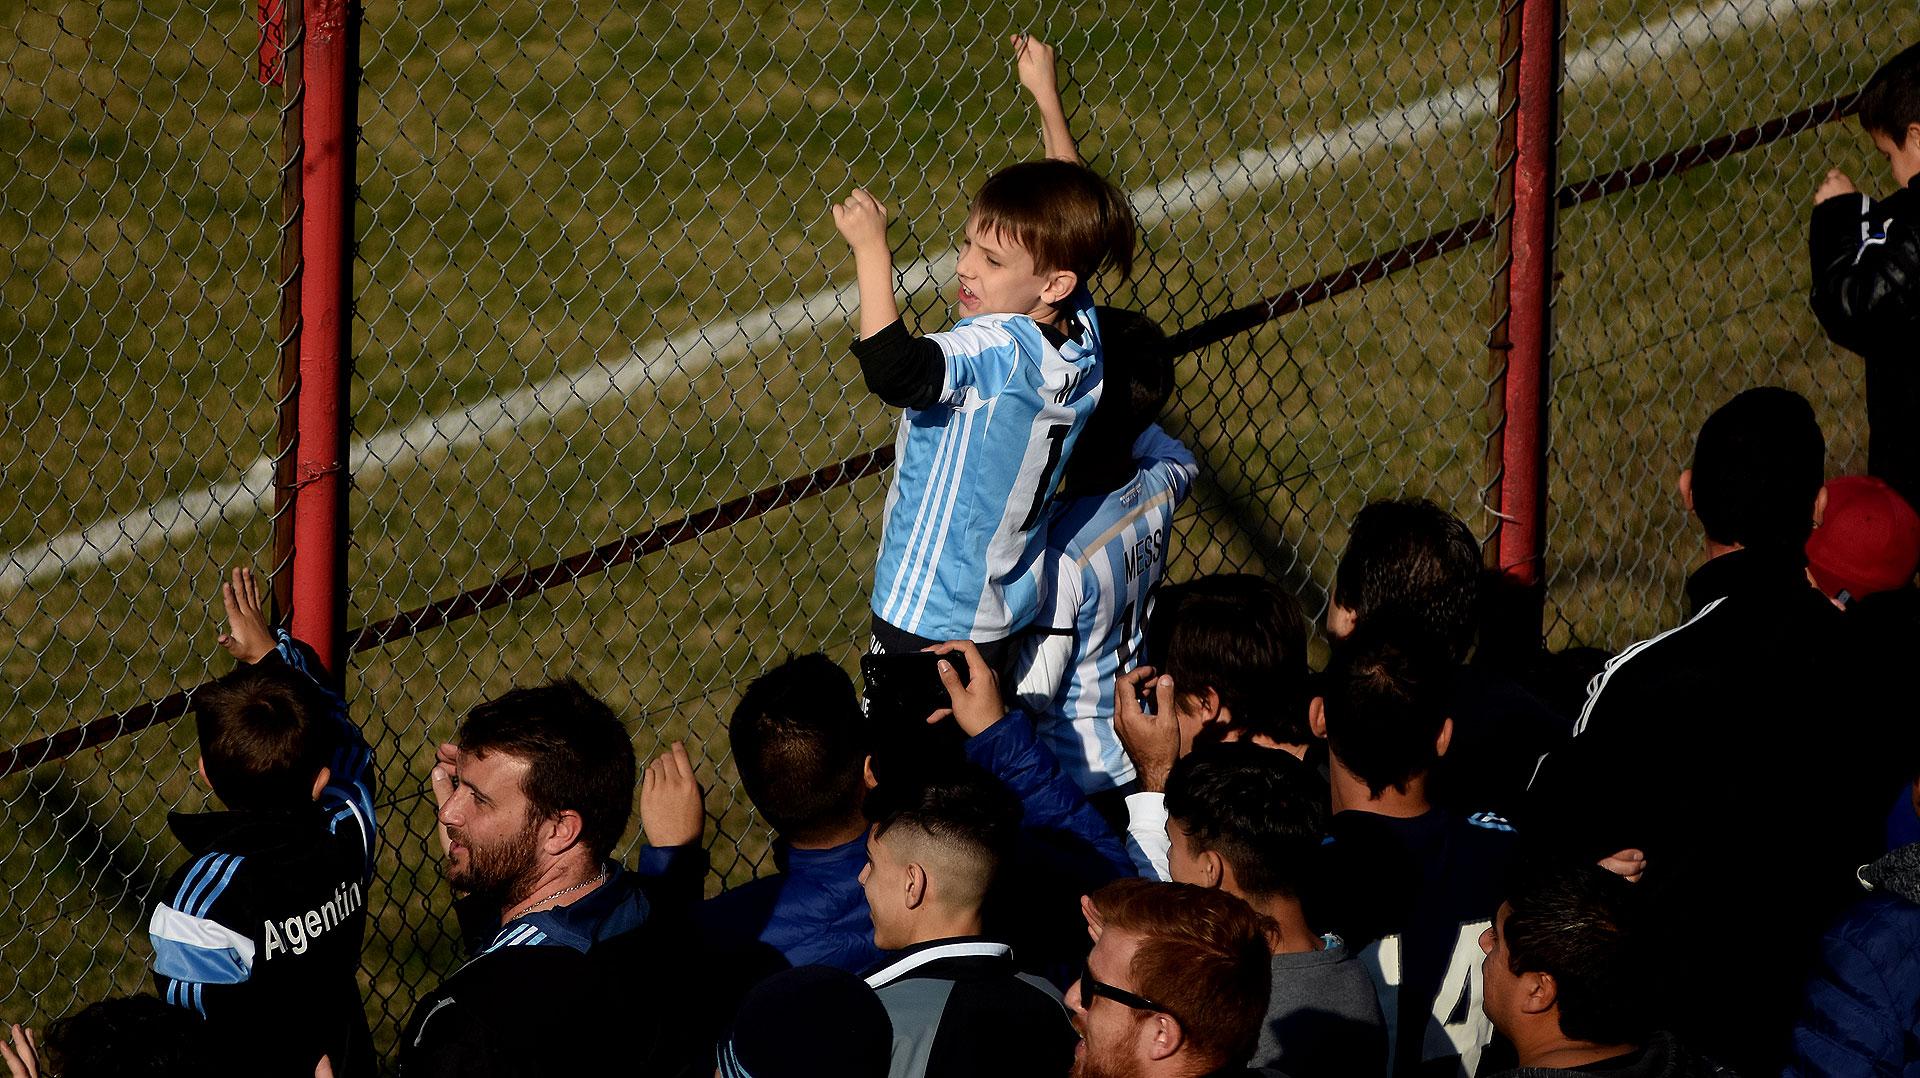 En un domingo ideal, con sol y sin frío, la selección argentina que competirá en Rusia 2018 celebró un entrenamiento a puertas abiertas en la cancha de Huracán